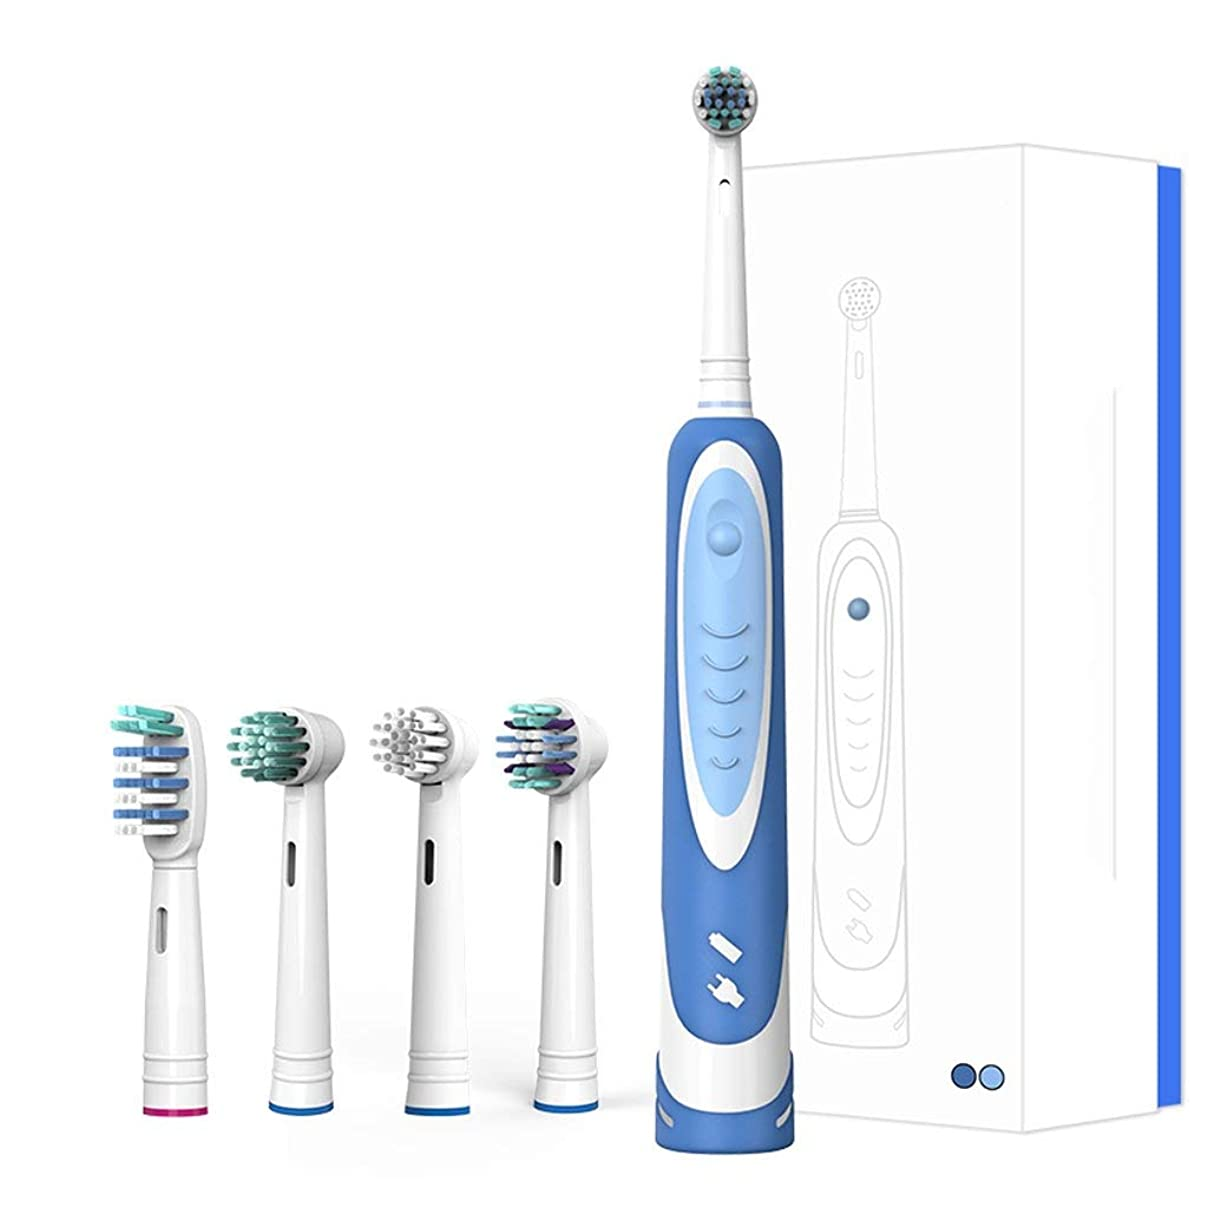 地上の切るなす電動歯ブラシ大人回転式電動歯ブラシ防水スマート歯ブラシ2分スマートタイマー2ブラッシングモード持ち運びが簡単